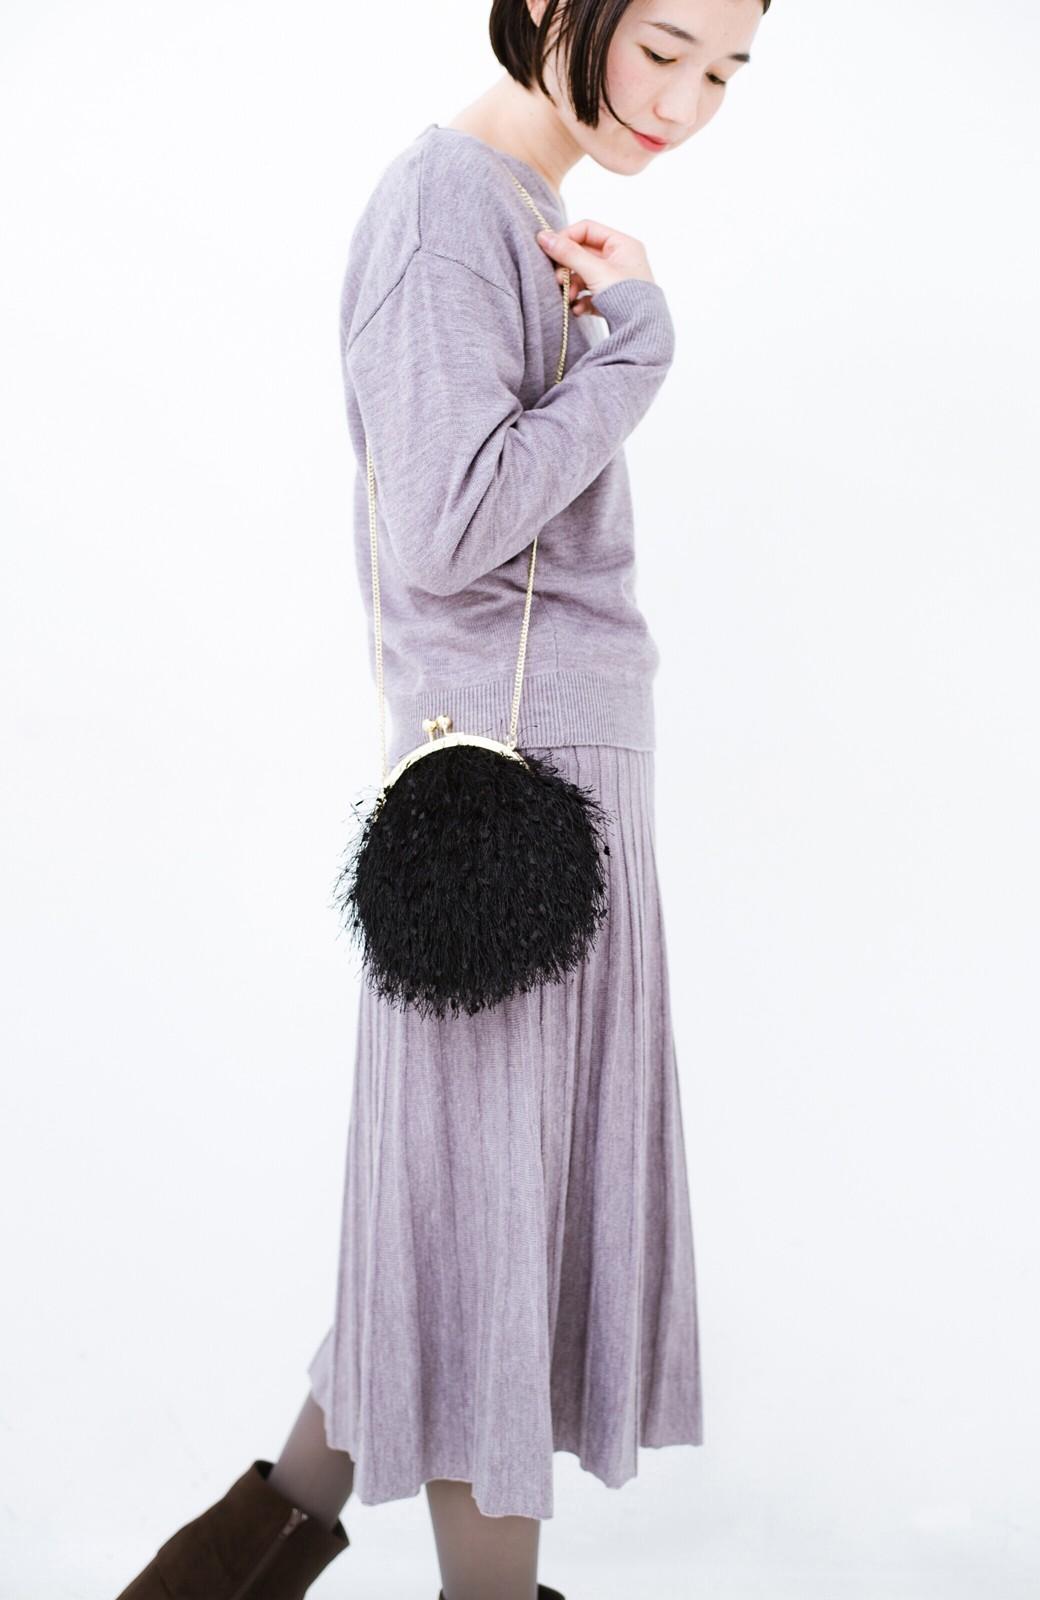 haco! 寝坊した朝でも安心!パッと着るだけでコーデが完成する女っぽニットアップ <杢グレー>の商品写真20